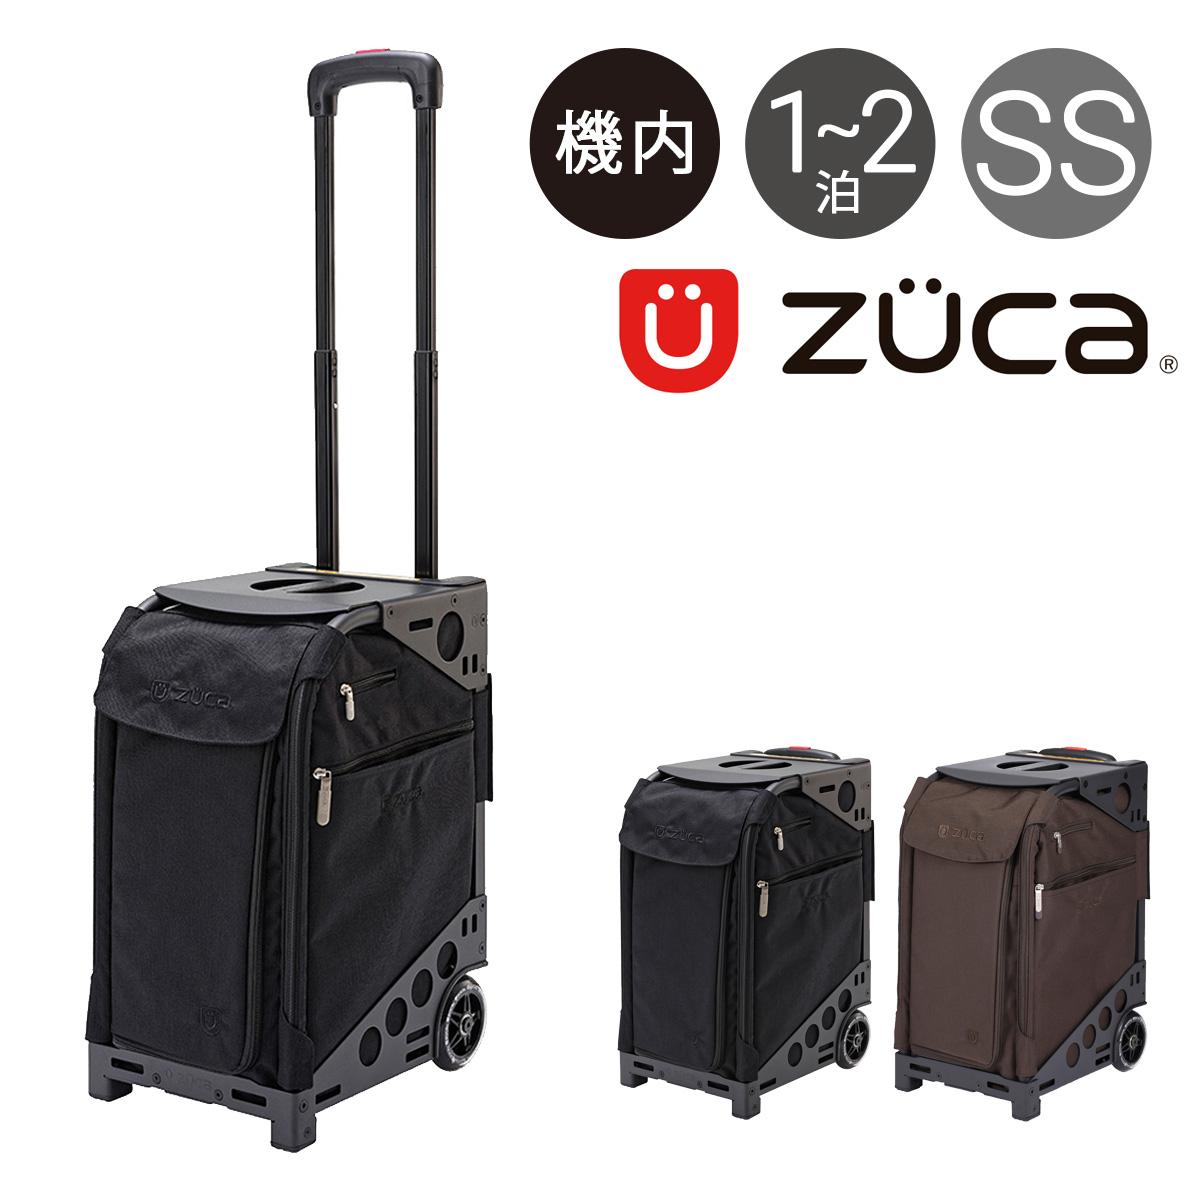 ズーカ キャリーケース プロ クロラックス トラベル PRO LUX Travel 2200 メンズ レディース ポーチ&トラベルカバー付き 機内持ち込み可能 キャリーバッグ スーツケース ZUCA [PO10][bef][即日発送]